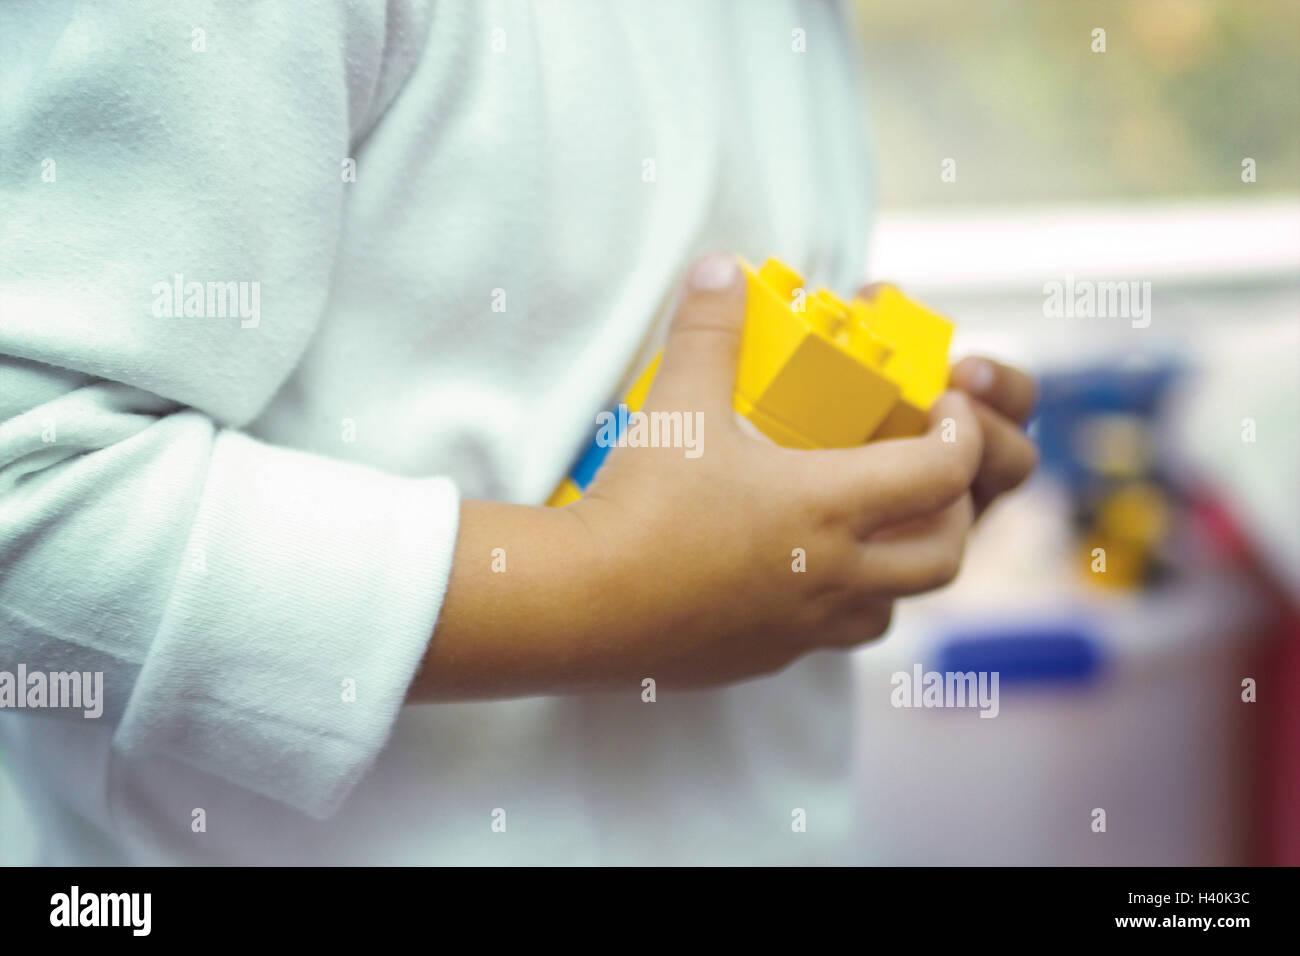 Kinderhände, Komponenten, halten, junge, Detail, Hände, 2 ...